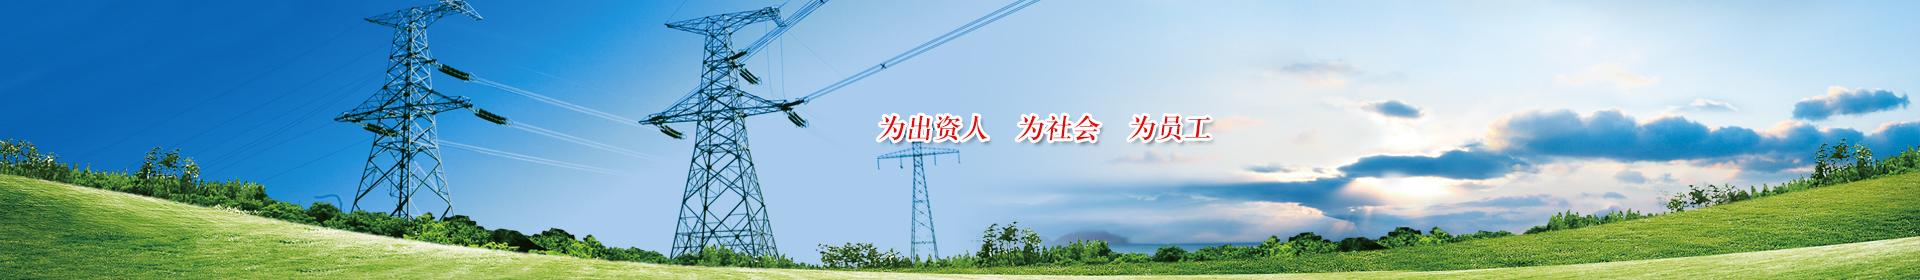 國投欽州發電有限公司